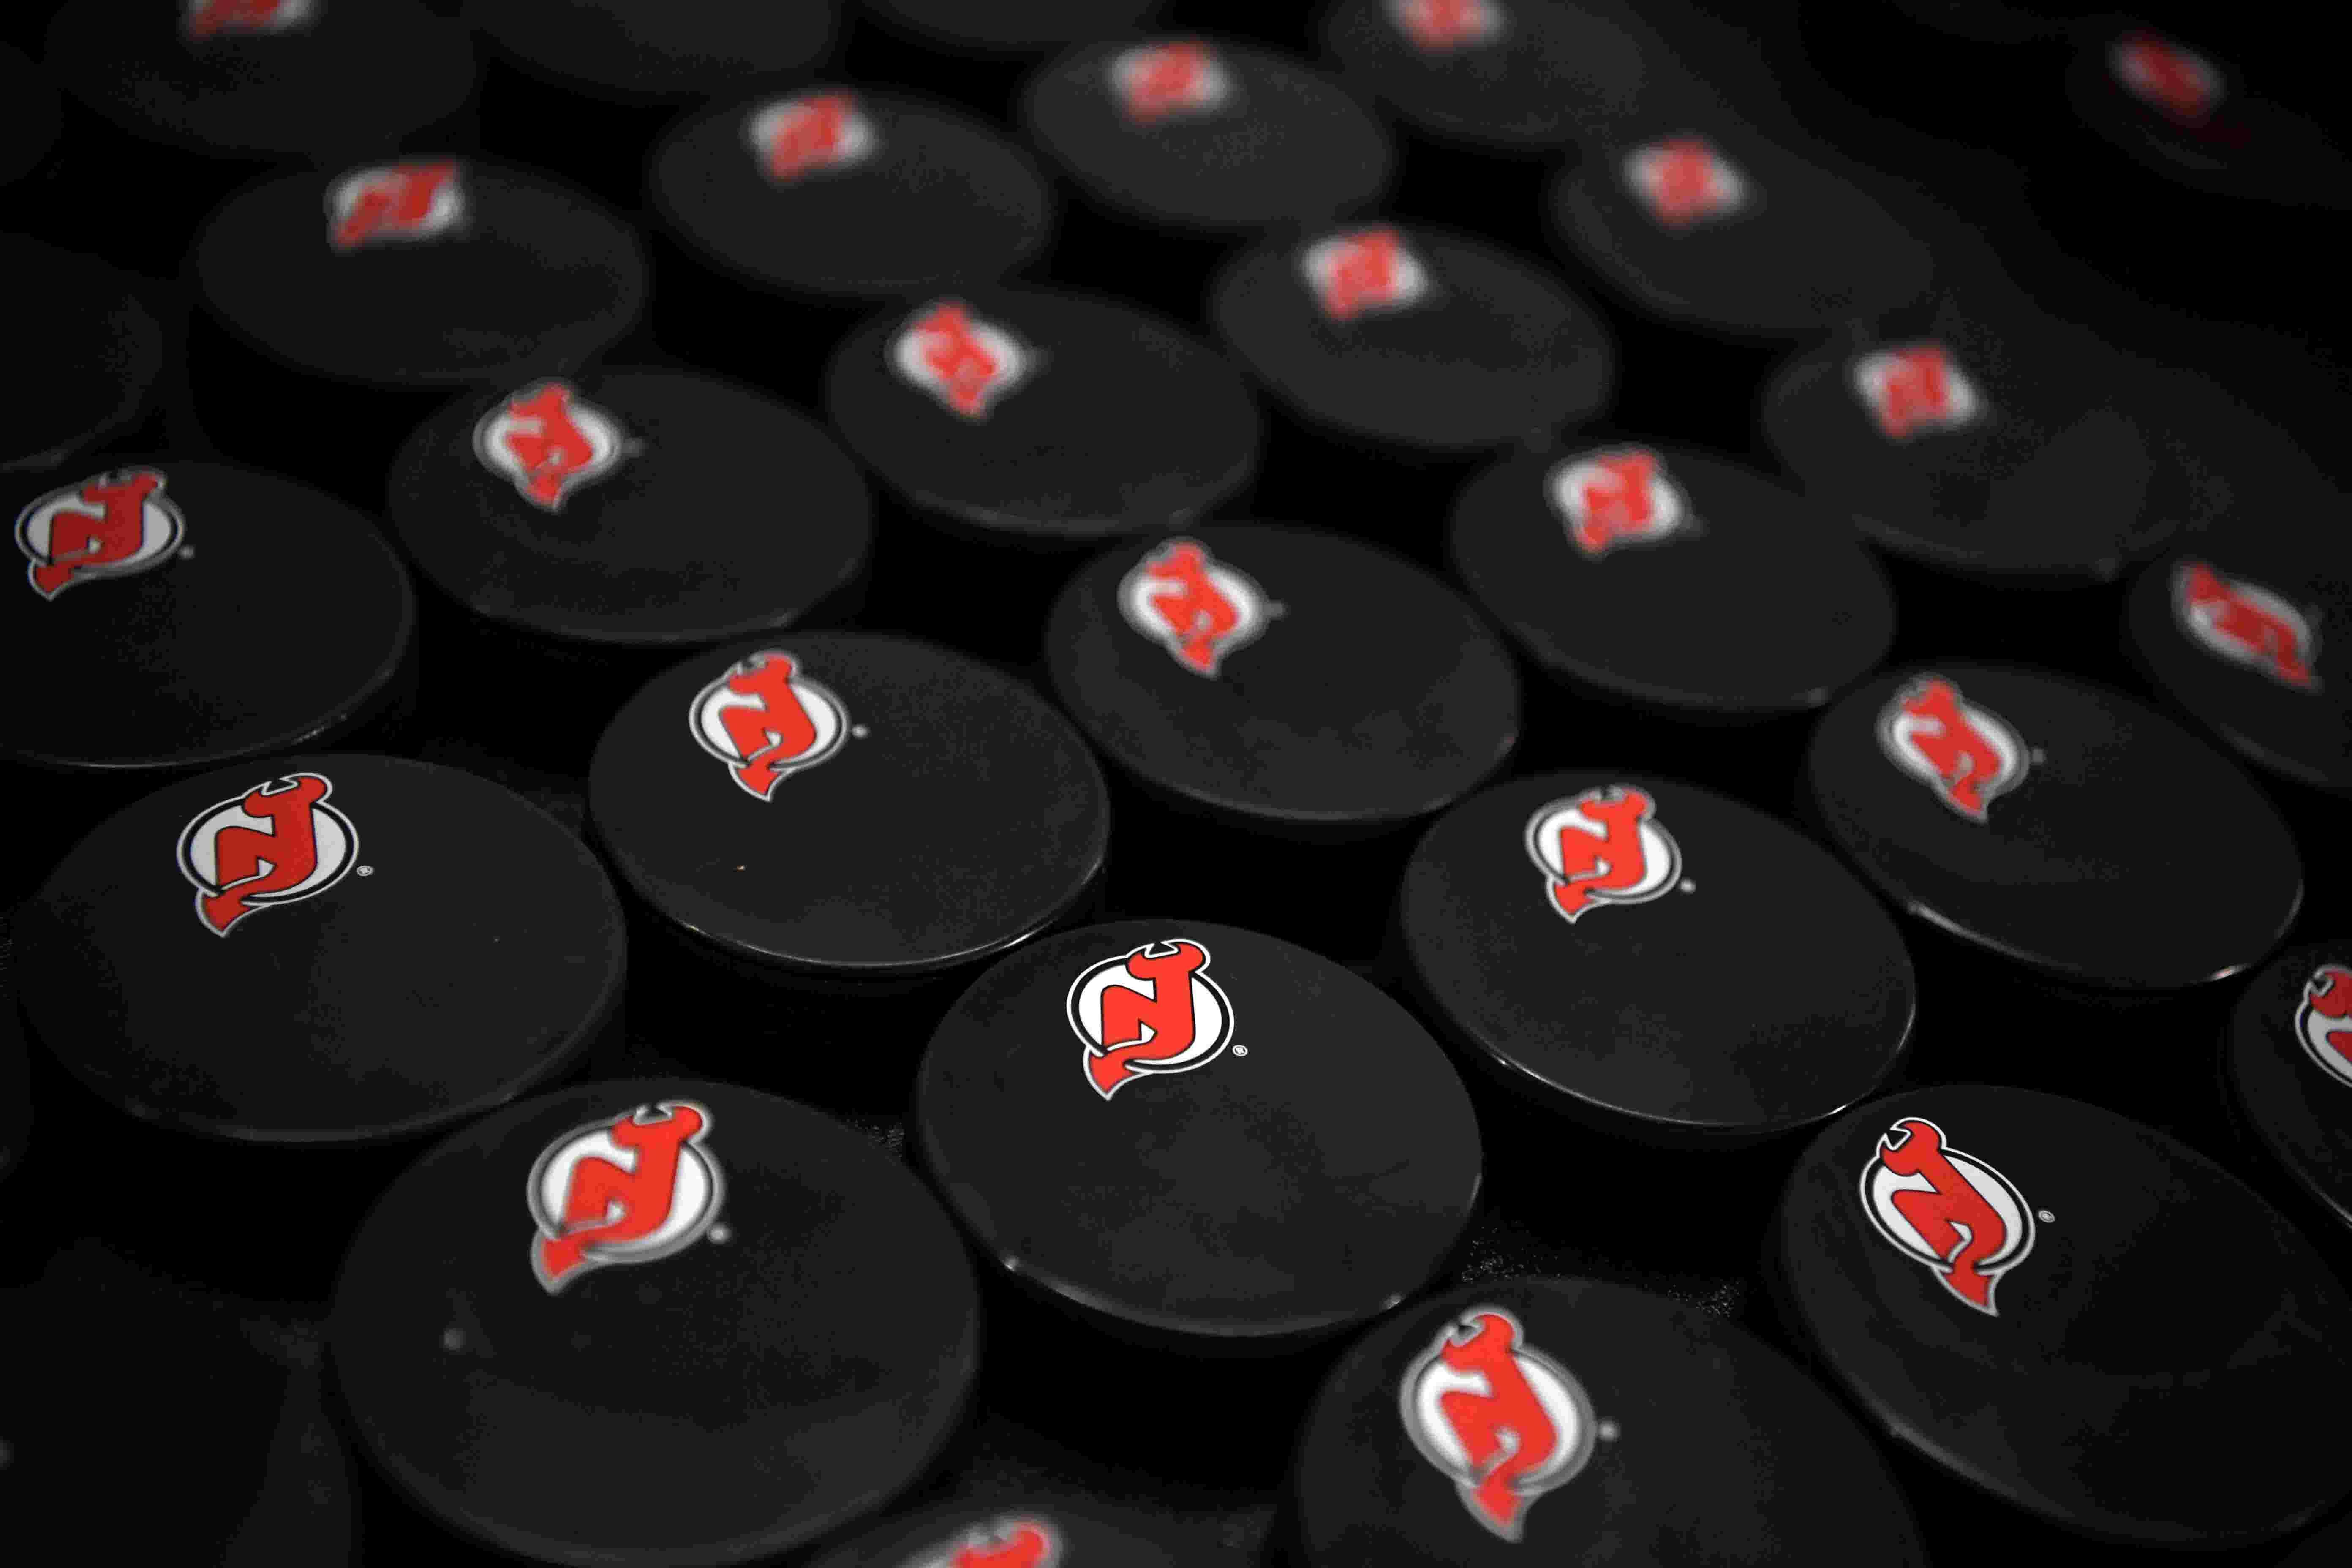 NJ Devils  Brian Boyle has plenty of hockey left to play a216953c1